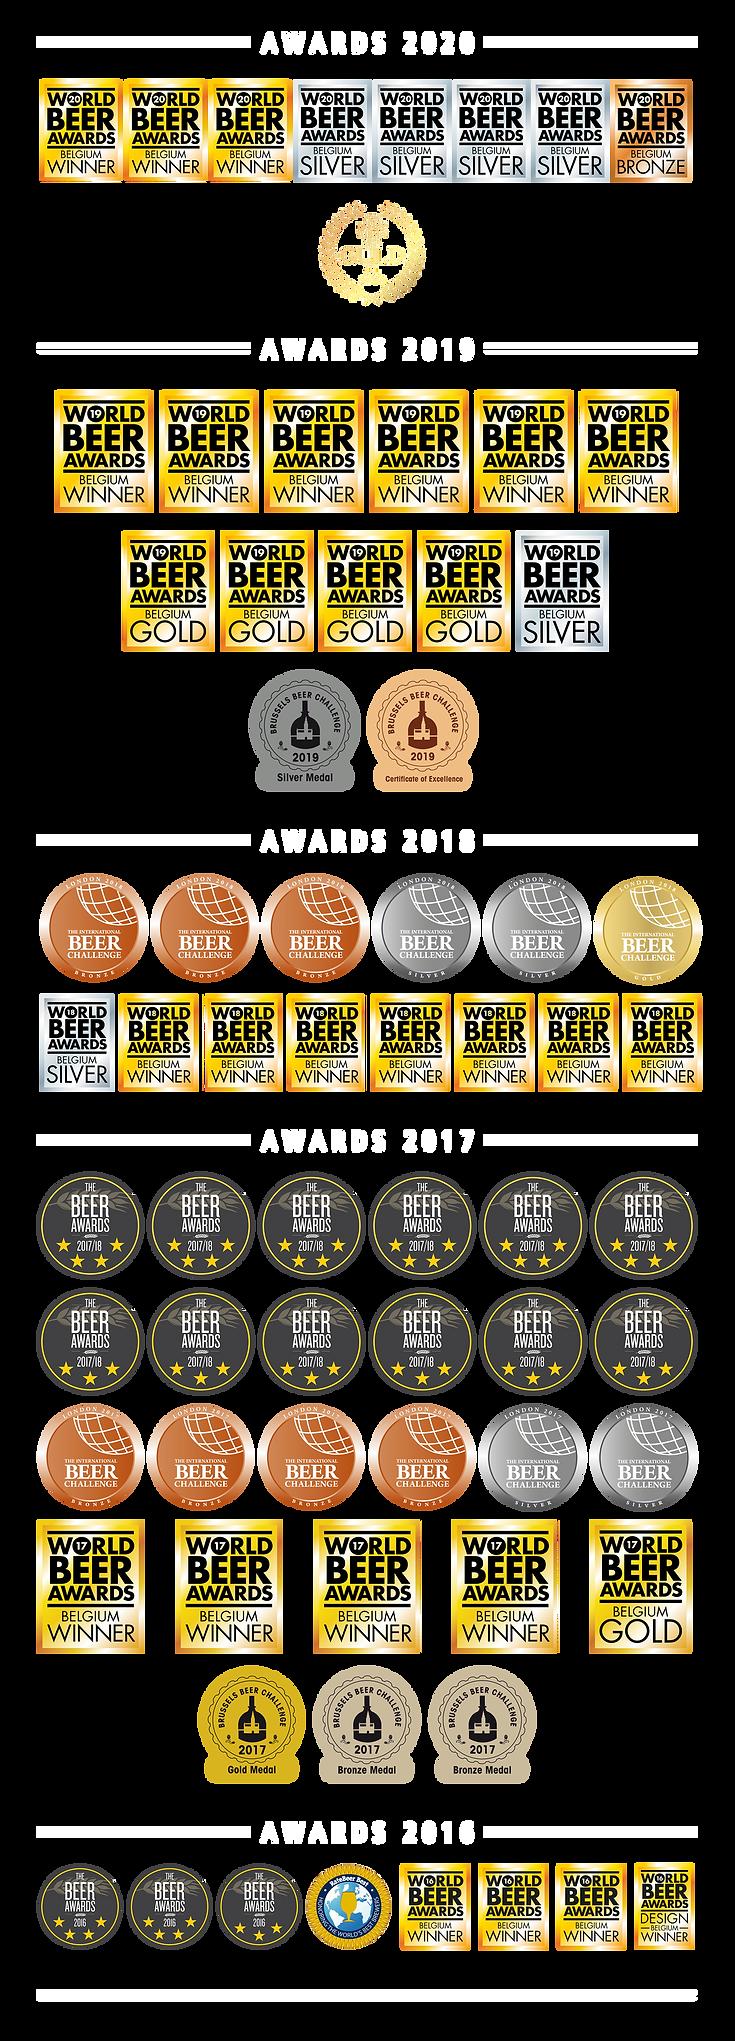 AWARDS_2016&2017&2018&2019&2020_FINAL.pn